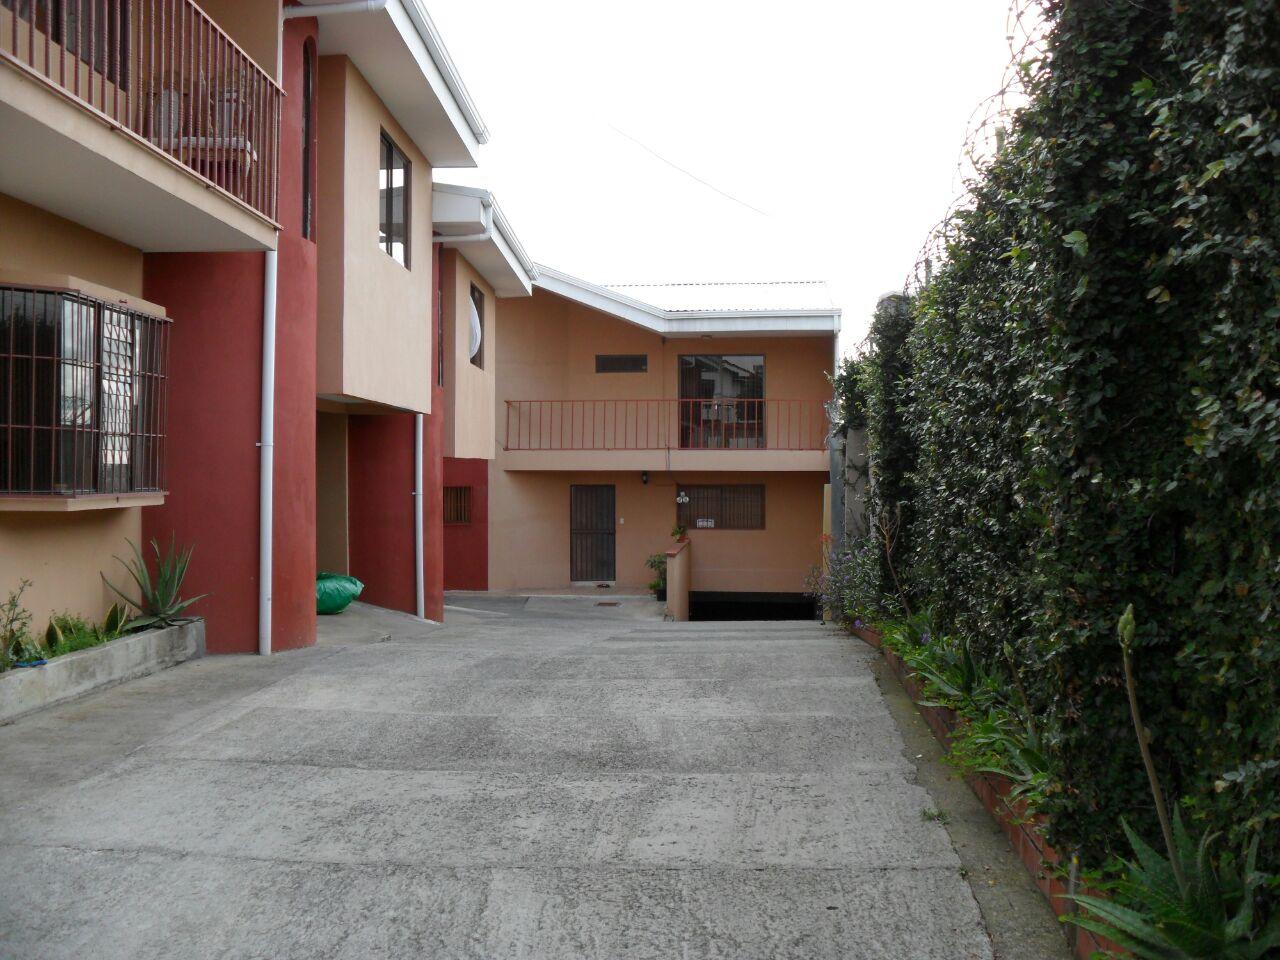 #2166 Alquilo bello apartamento en La Uruca